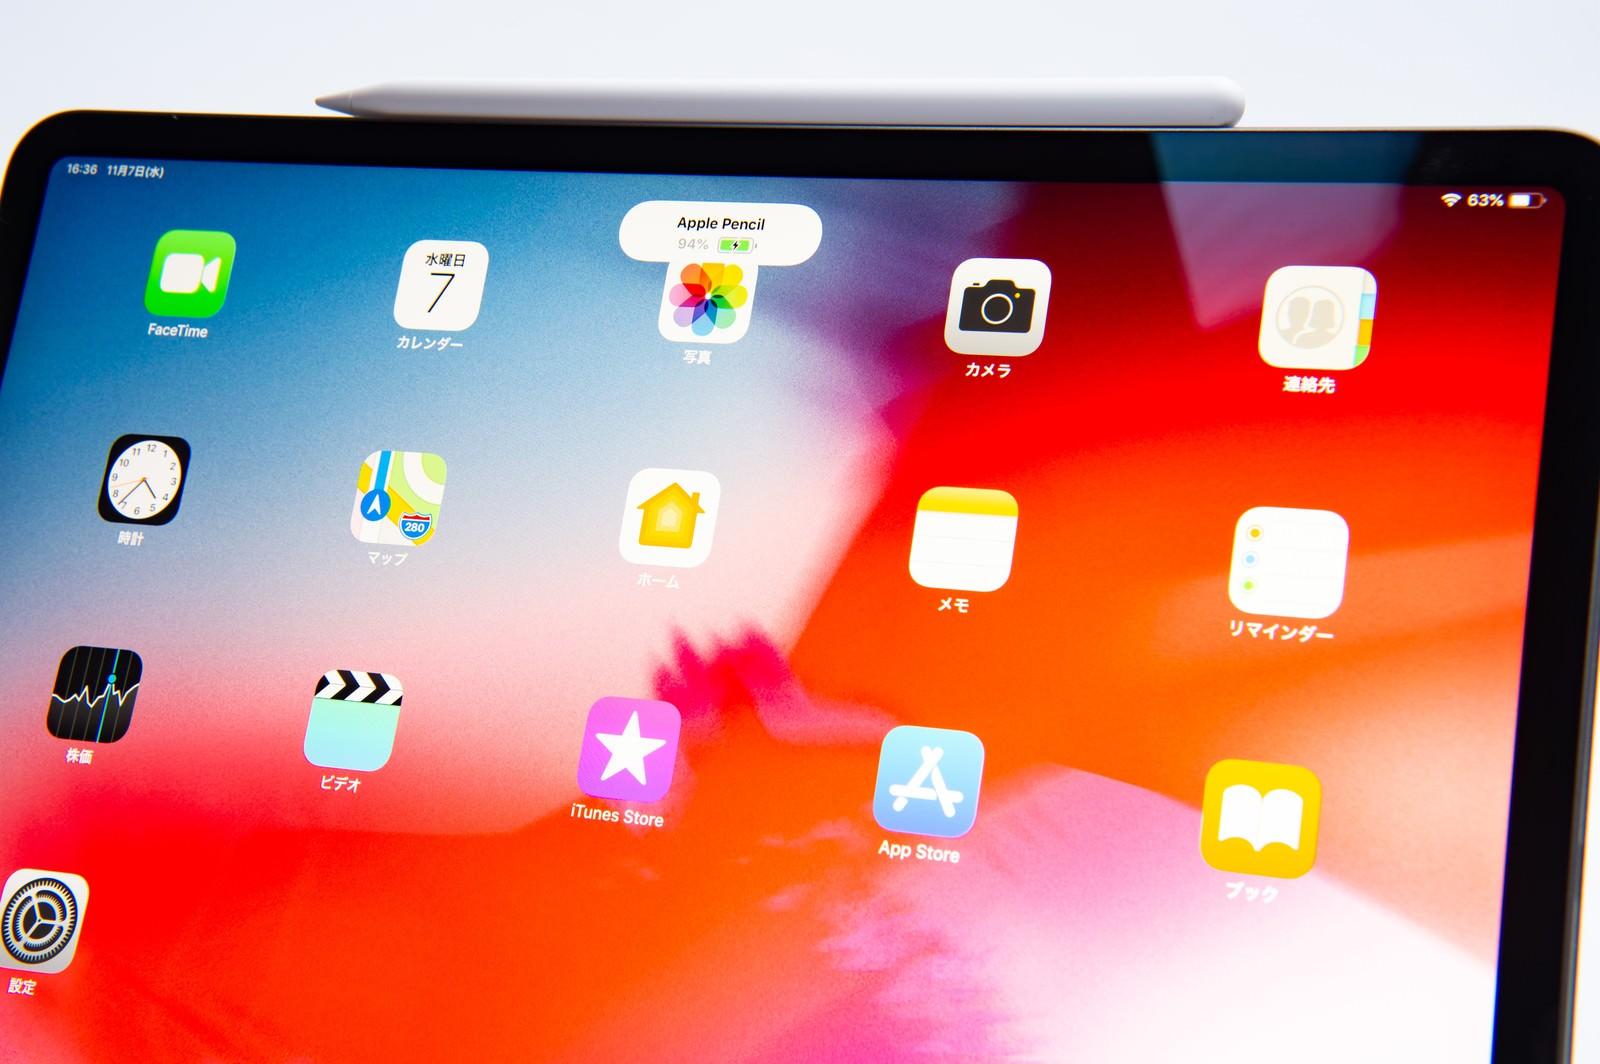 「アップルペンシルが装着されたタブレットのホーム画面(iPad Pro 2018とApple pencil)」の写真